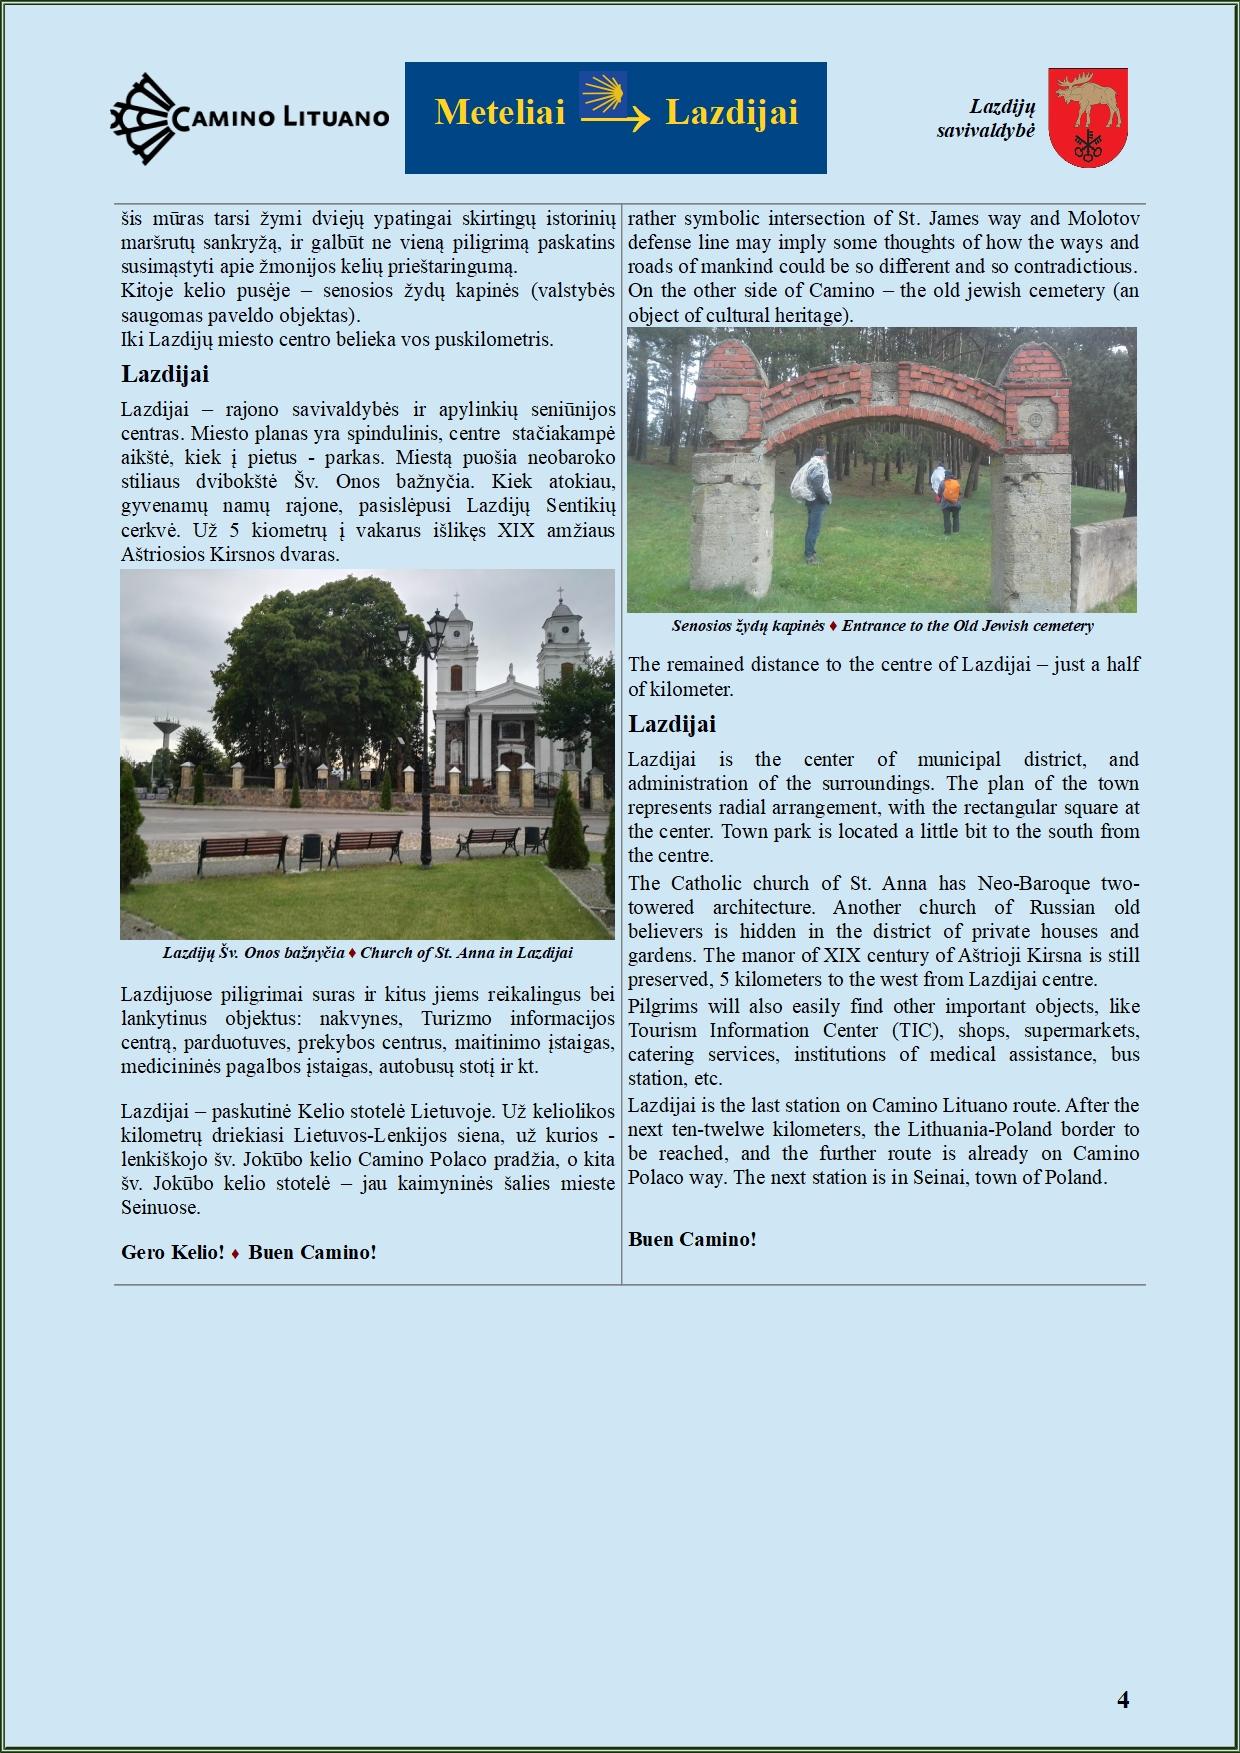 Meteliai-Lazdijai-description-EN-LT-4